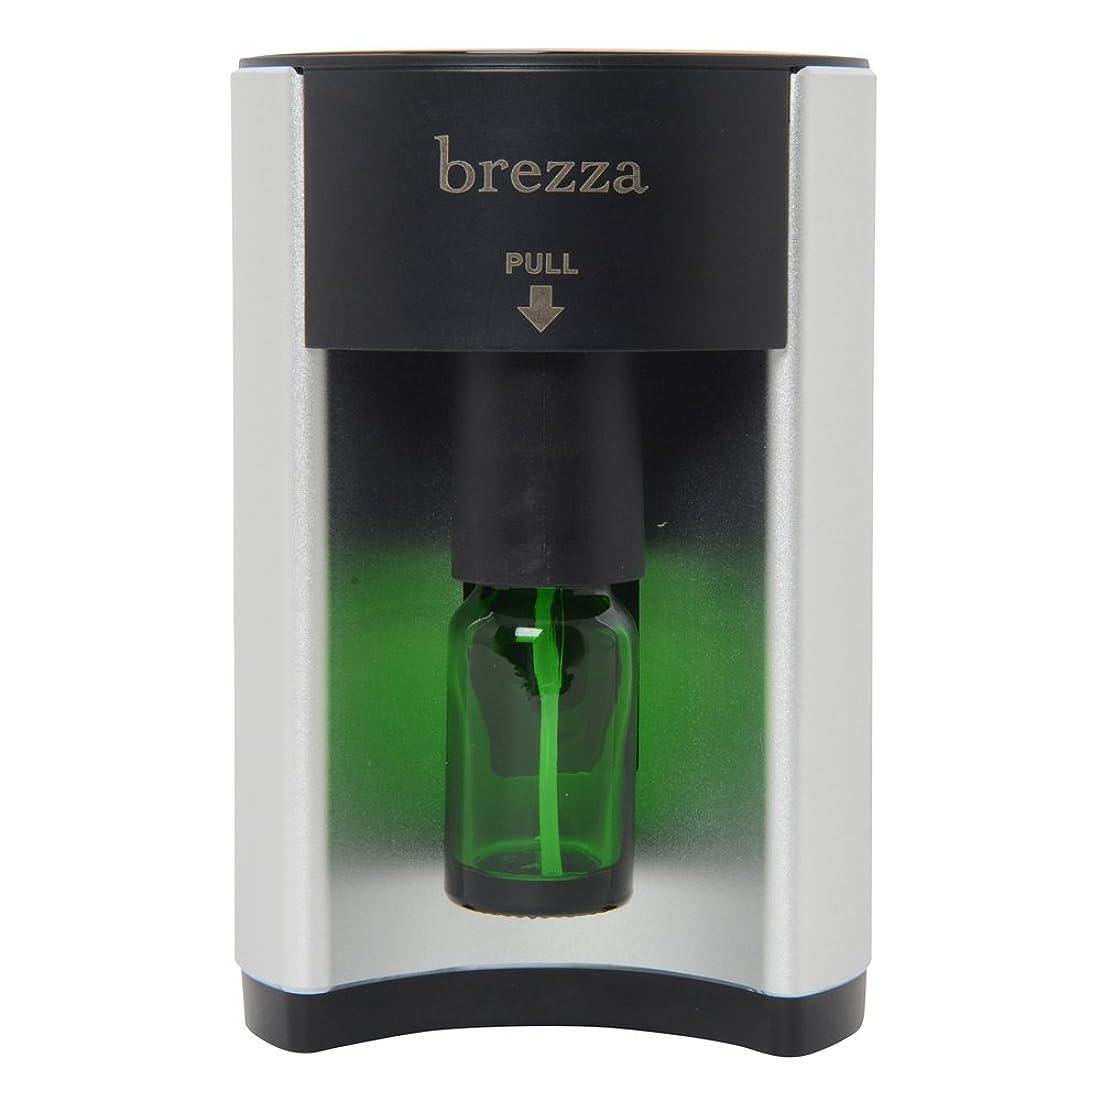 徹底ゆるい一貫性のないフレーバーライフ brezza(ブレッザ) アロマディフューザー